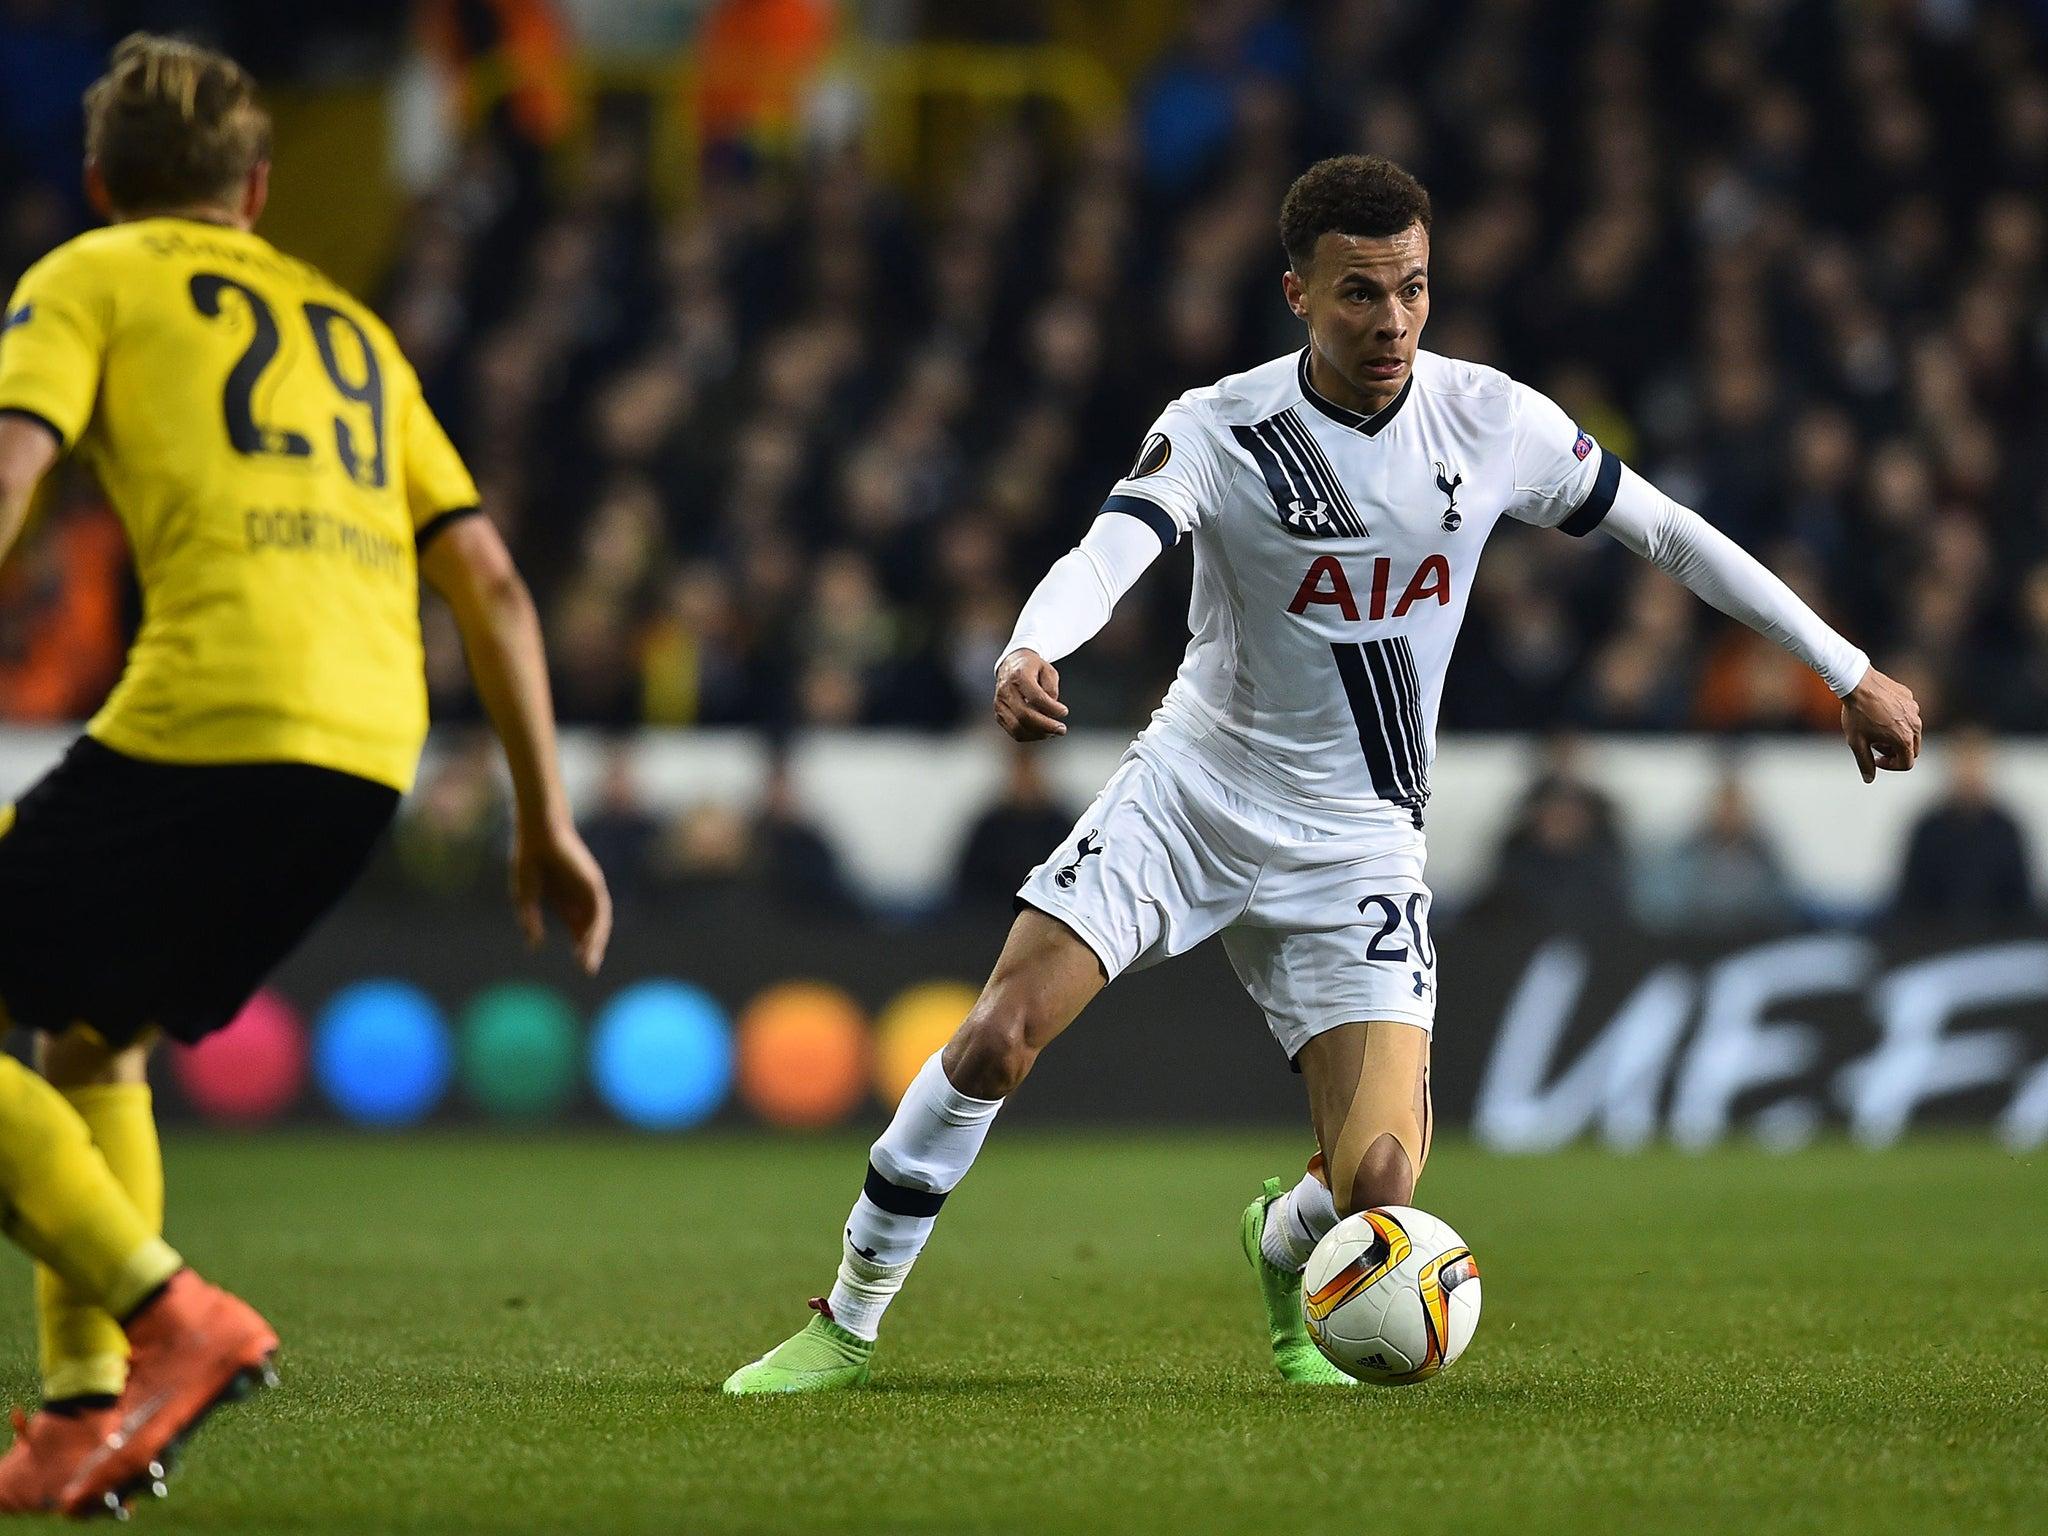 Dele Alli: Tottenham star hailed by former Liverpool captain Steven Gerrard